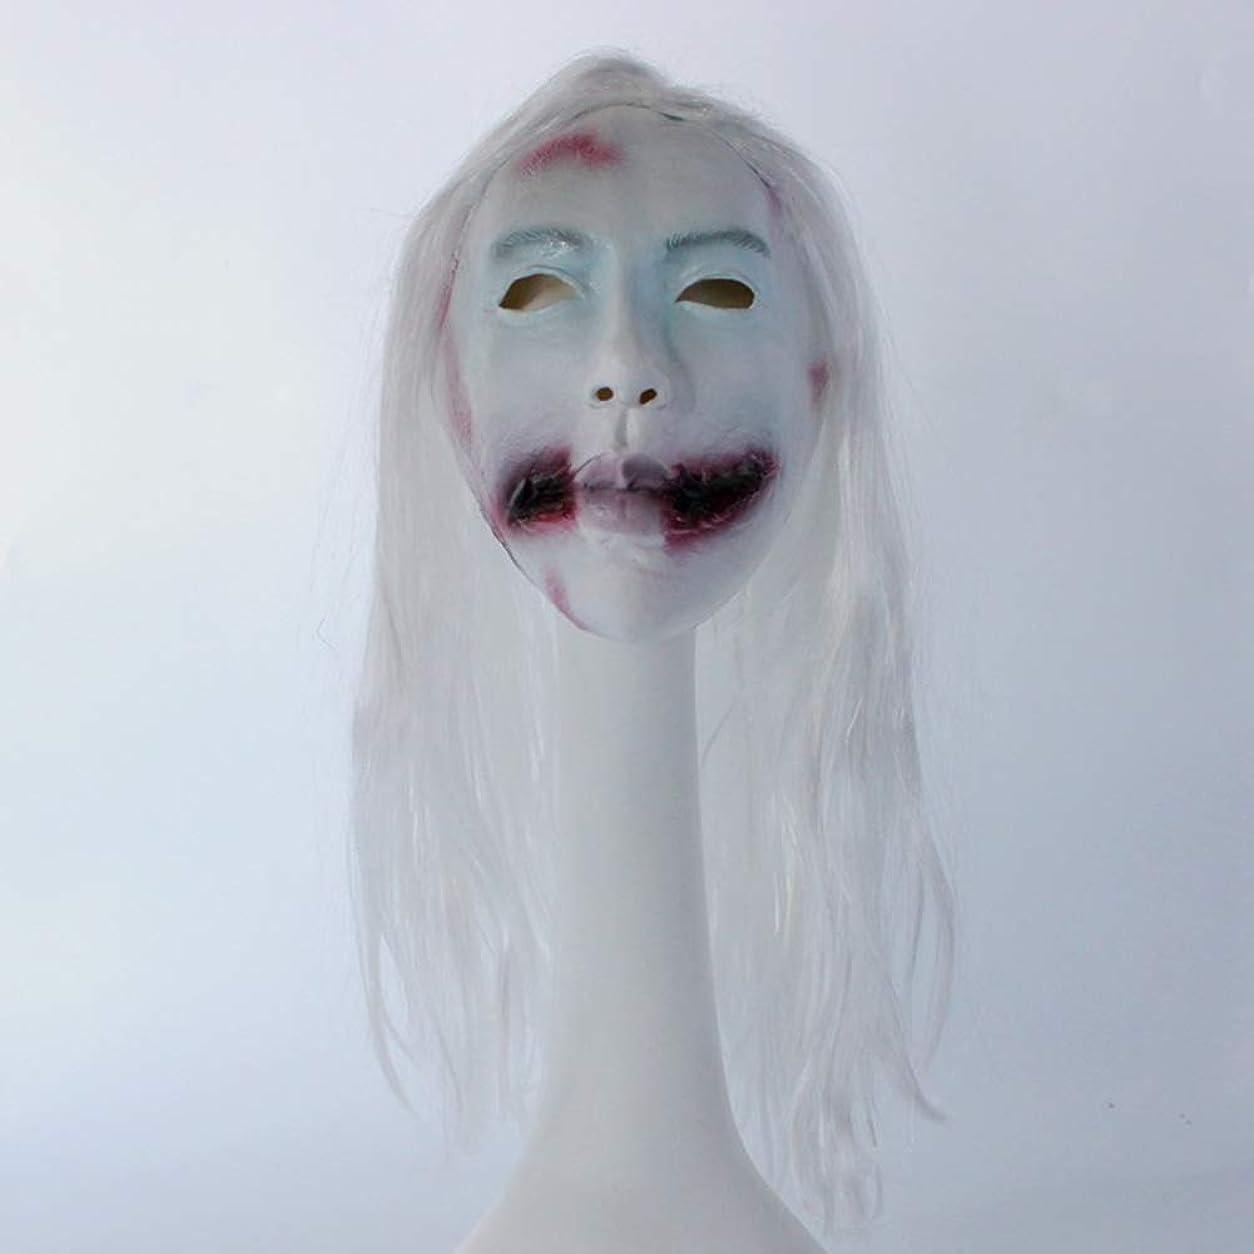 承認する難しいレトルトハロウィーンのホラーマスク、白髪の女性のゴーストマスク、クリエイティブな面白いヘッドマスク、パーティー仮面ラテックスマスク